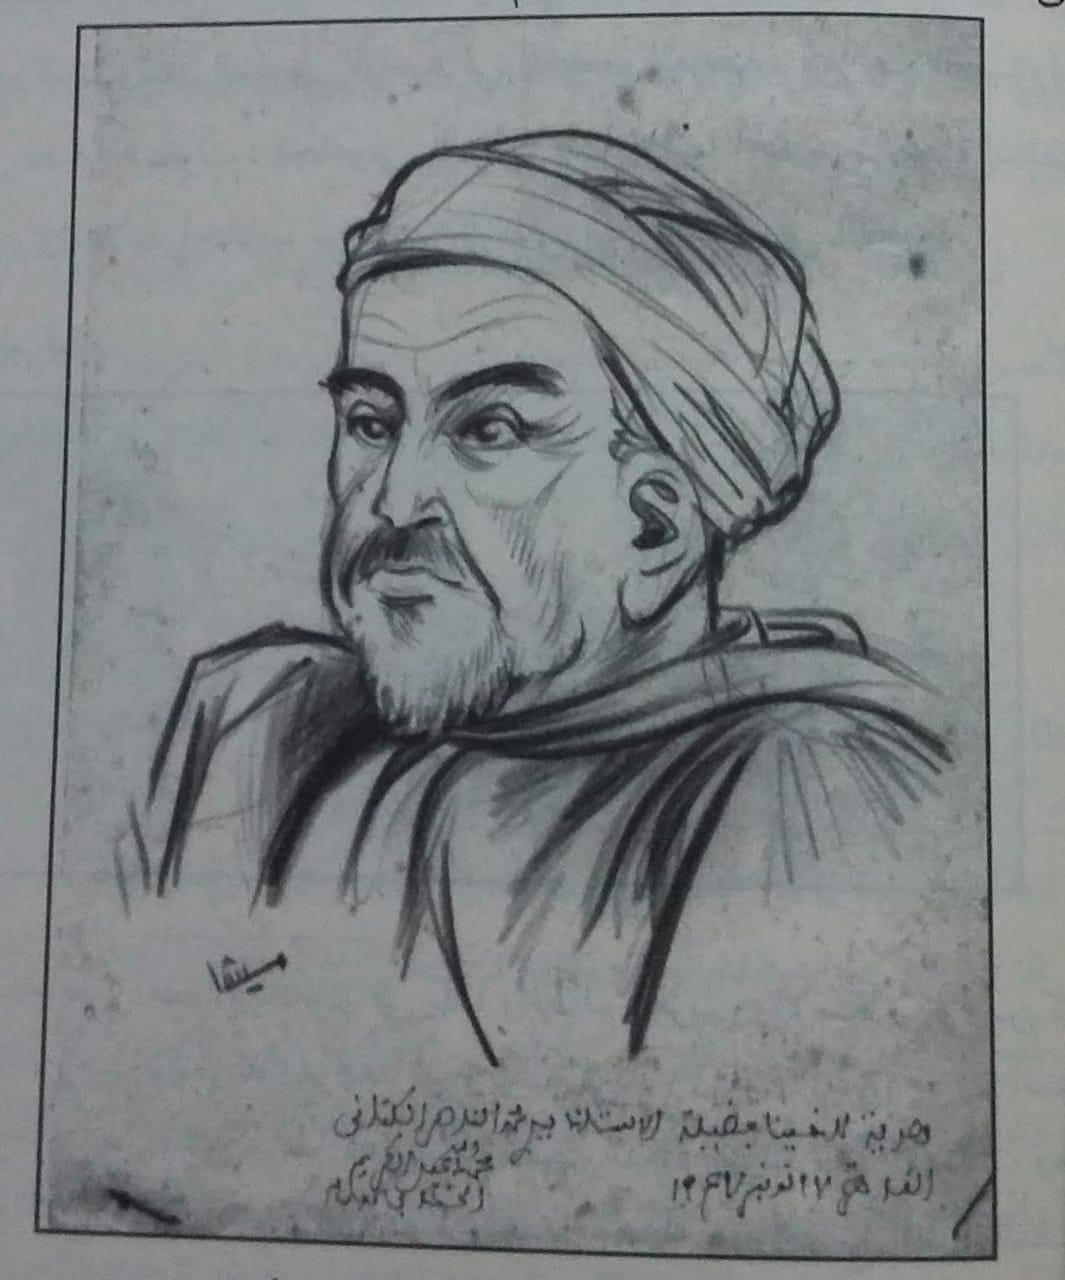 صورة محمد بن عبد الكريم الخطابي وعليها خطه وتوقيعه